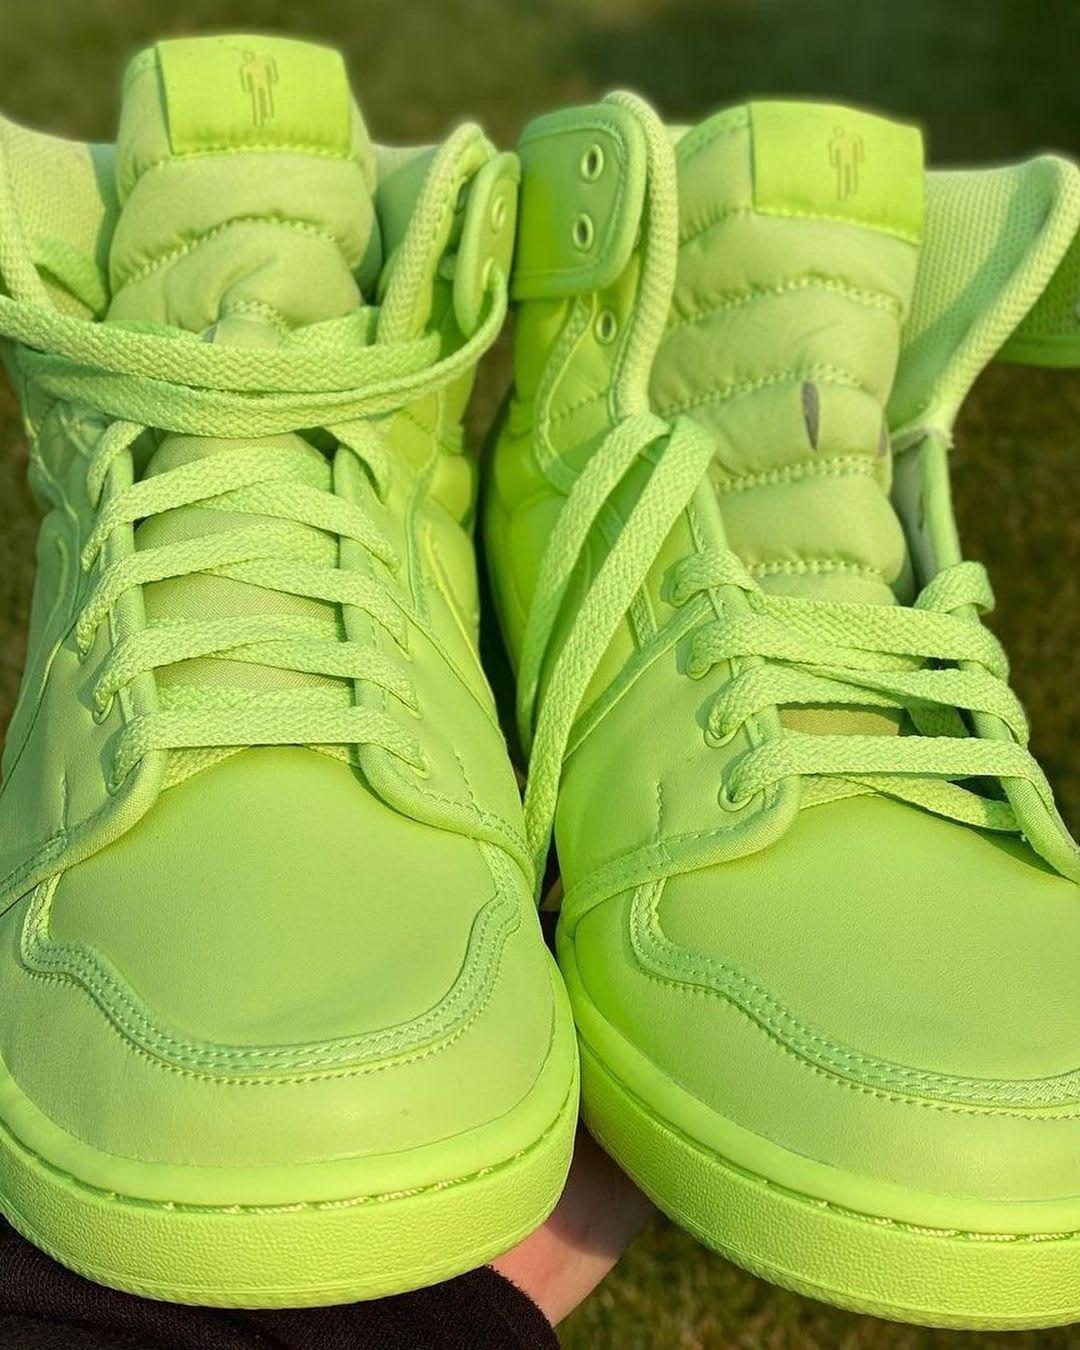 Billie Eilish x Air Jordan 1 KO 'Ghost Green' DN2857-330 (Pair Front)